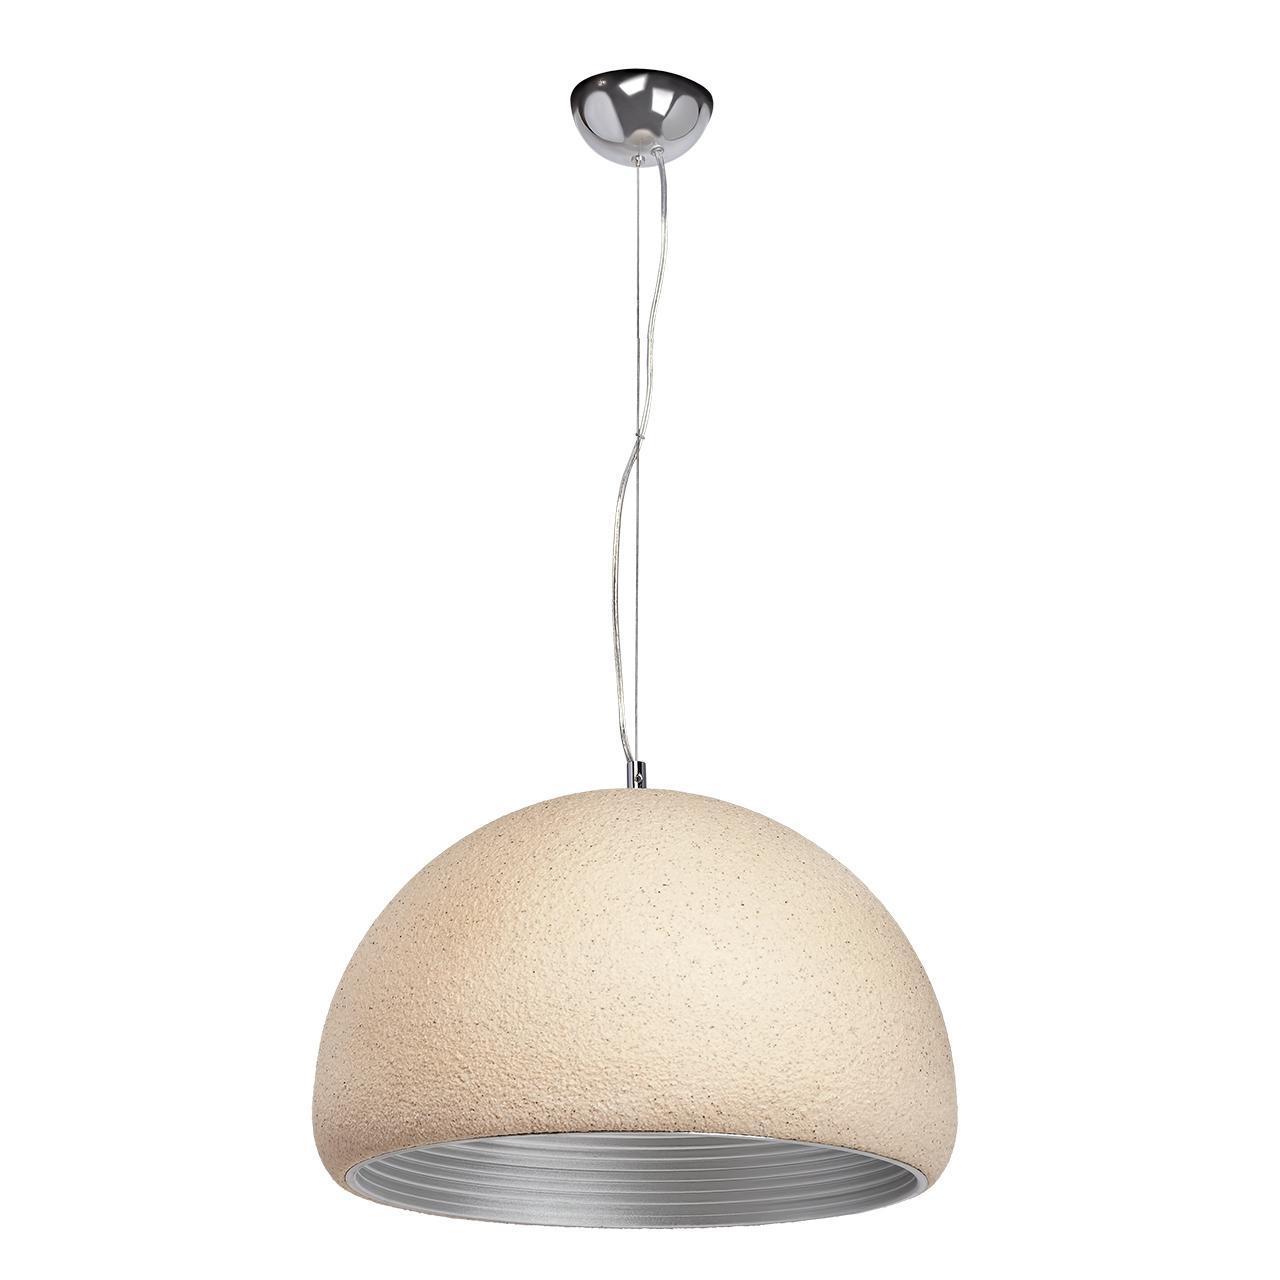 Подвесной светильник MW-Light Штайнберг 2 654010401 подвесной светильник mw light сандра 811010301 page 2